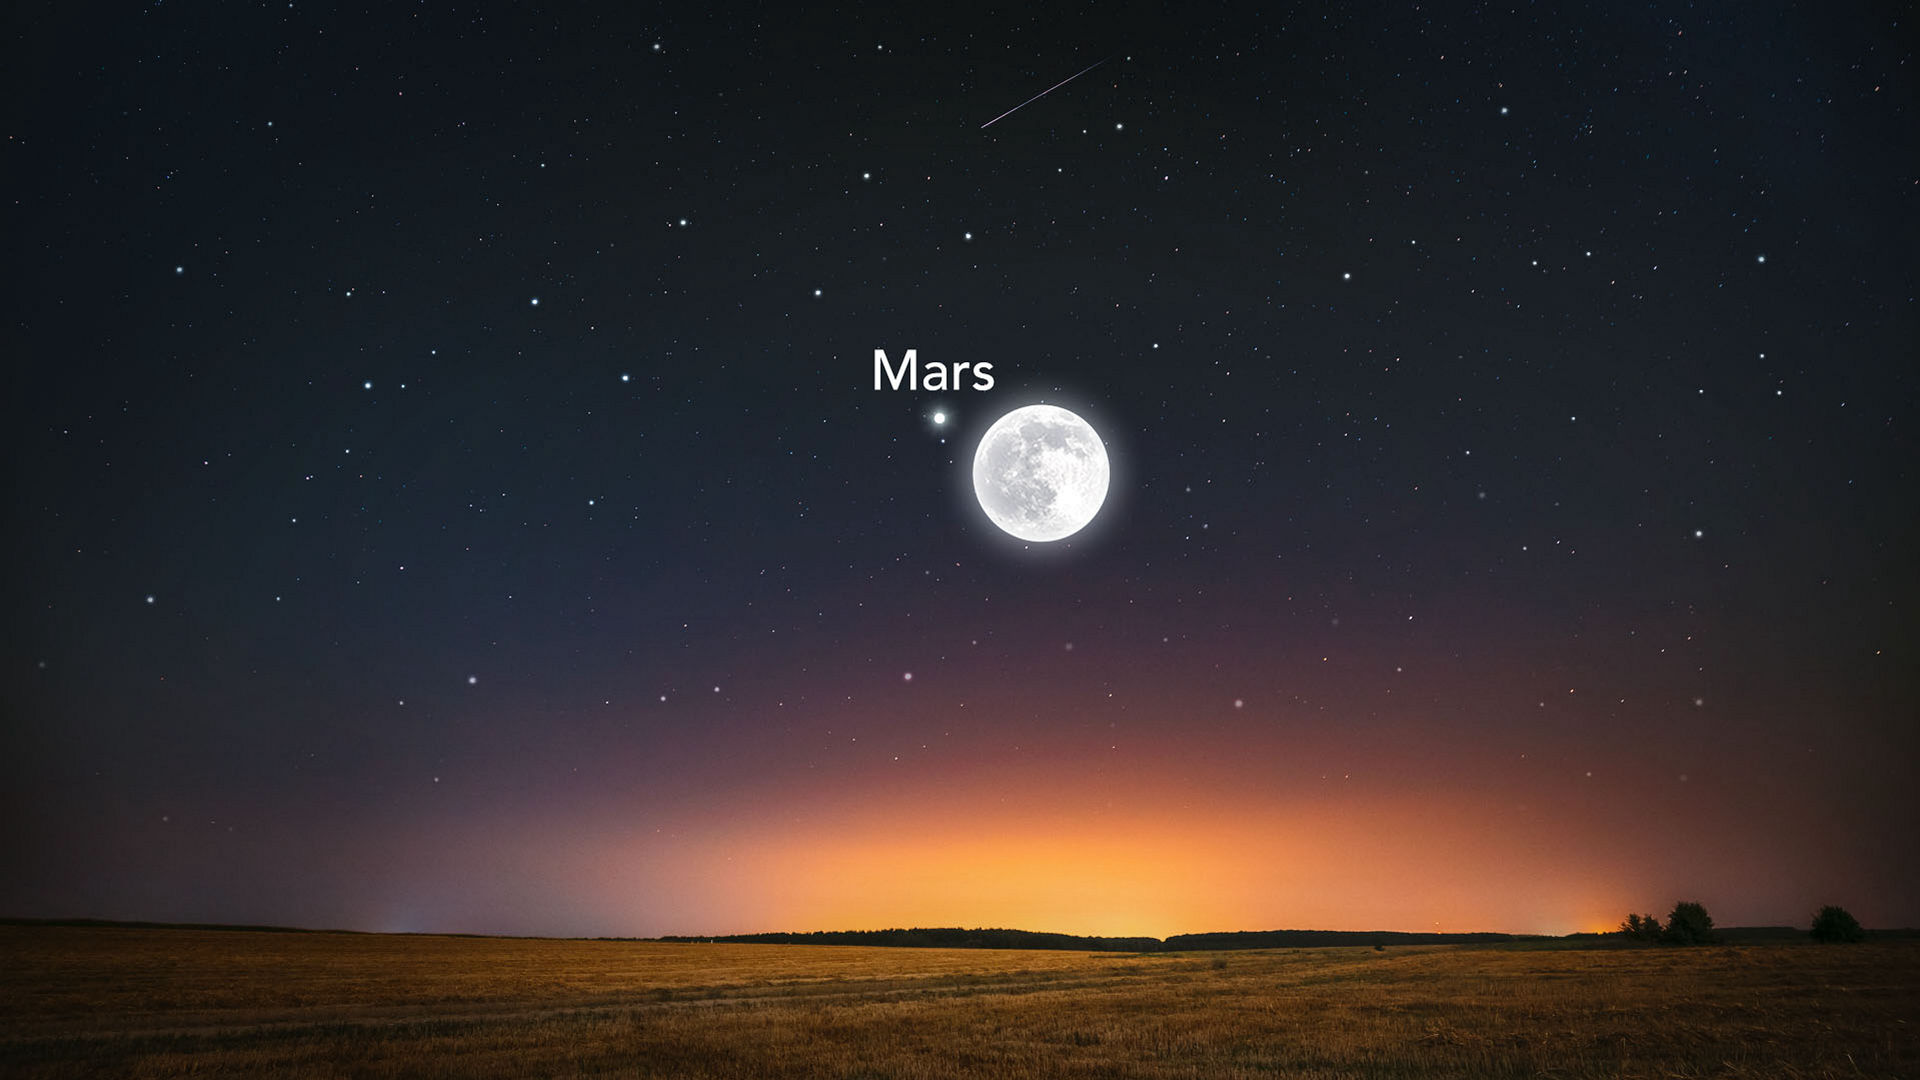 收獲滿月與火星在天空中跳舞